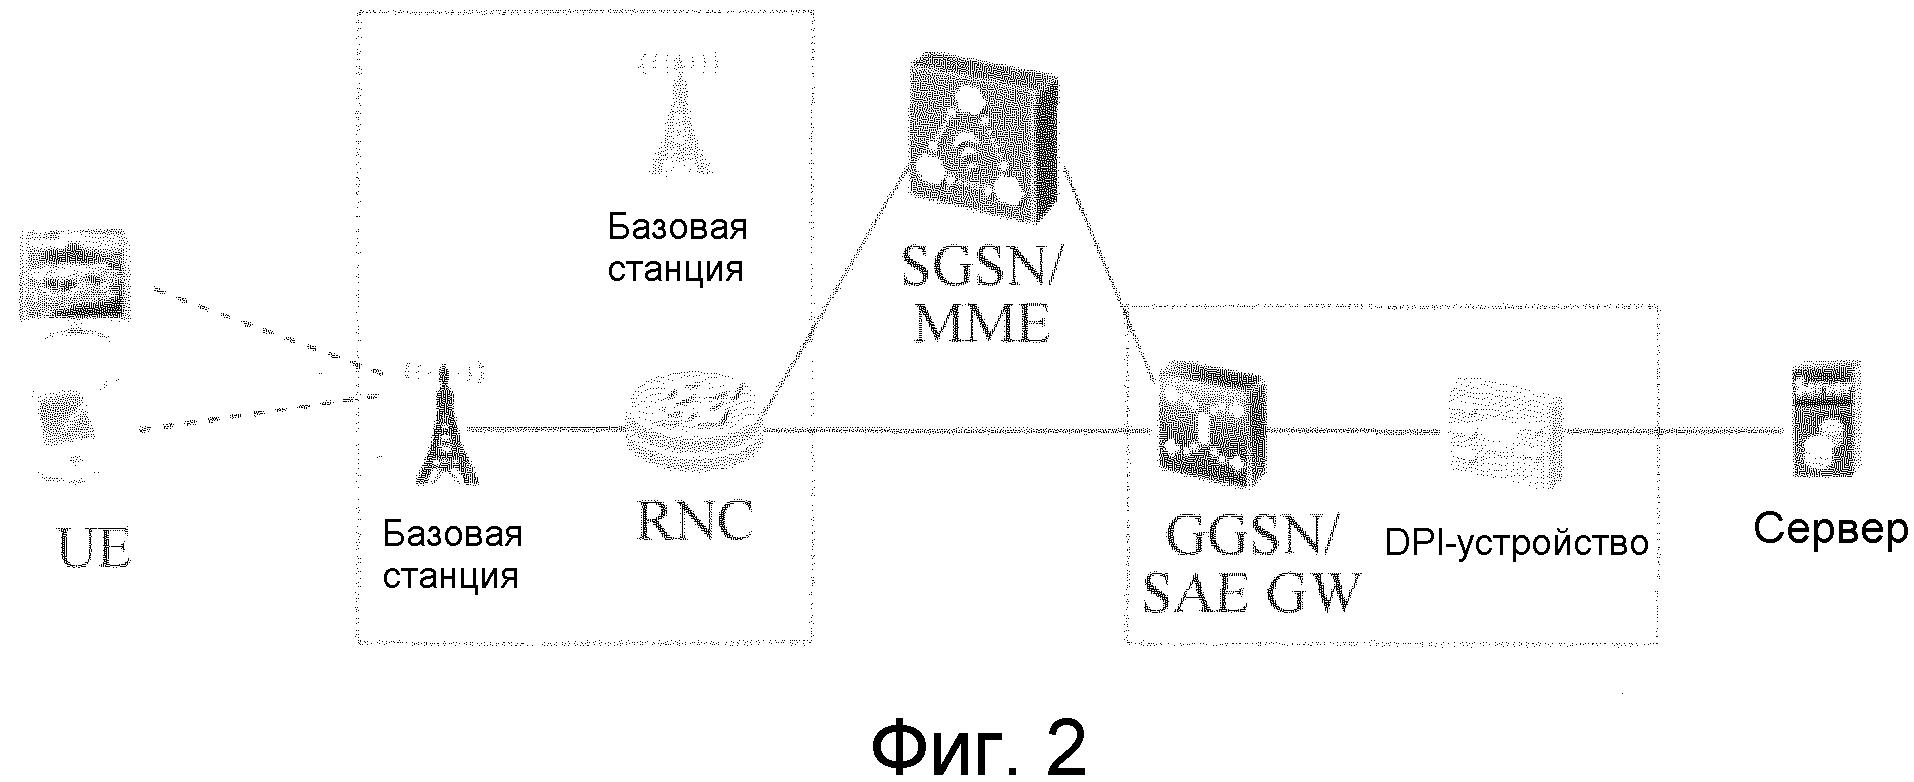 Способ, устройство и система для планирования потока данных